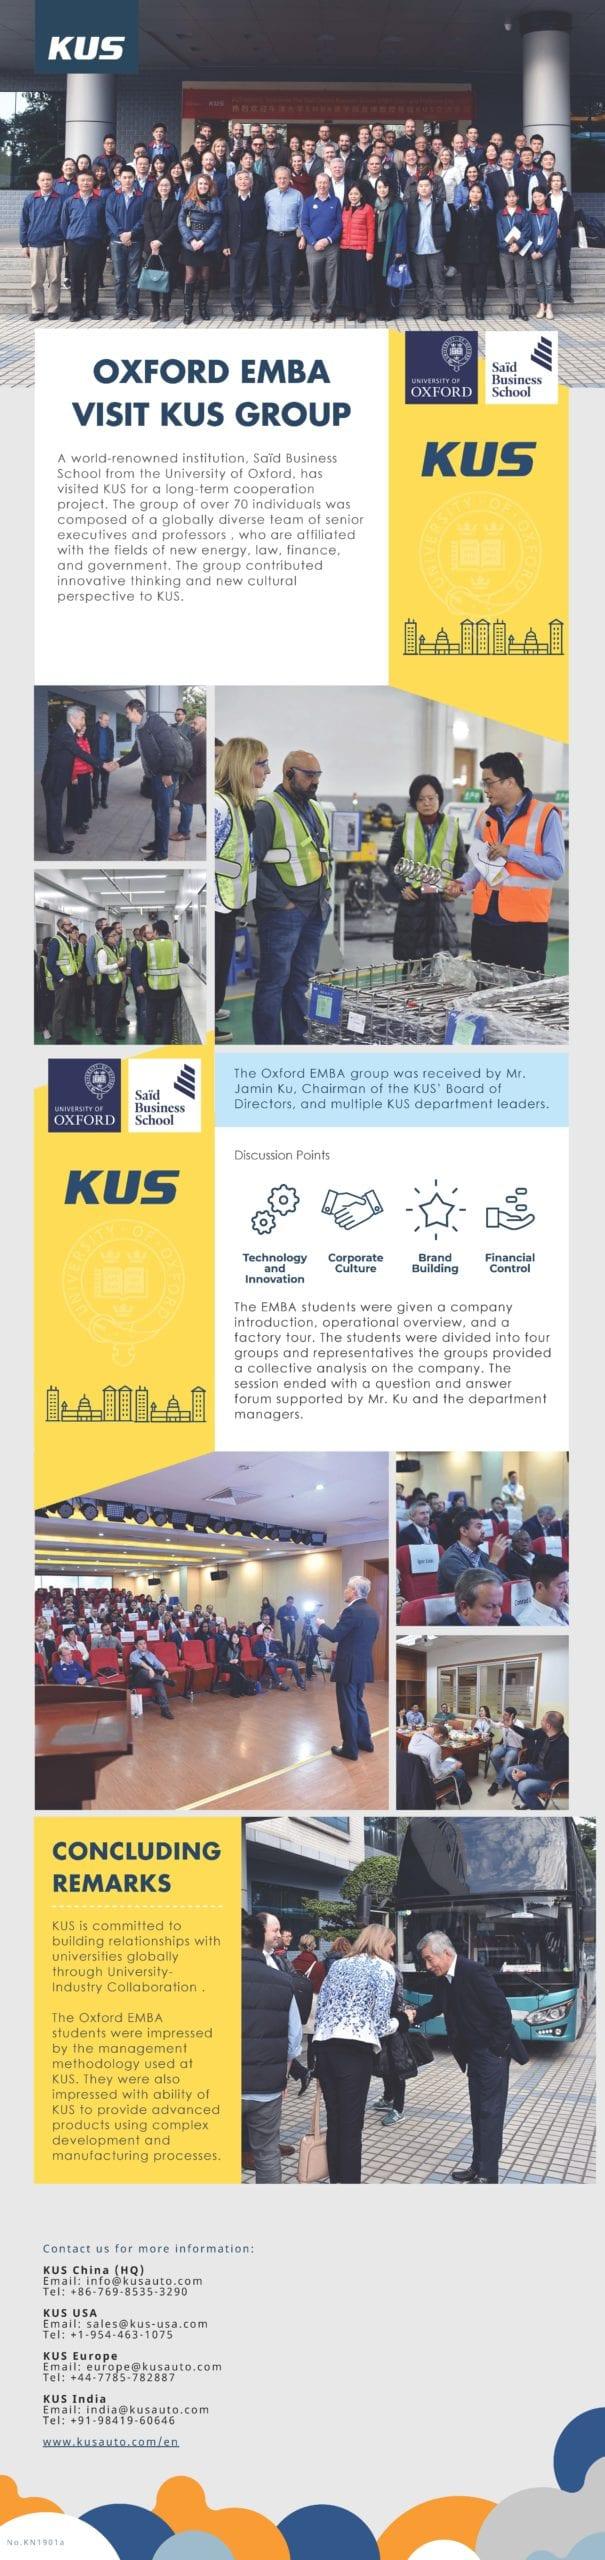 KUS Infographic